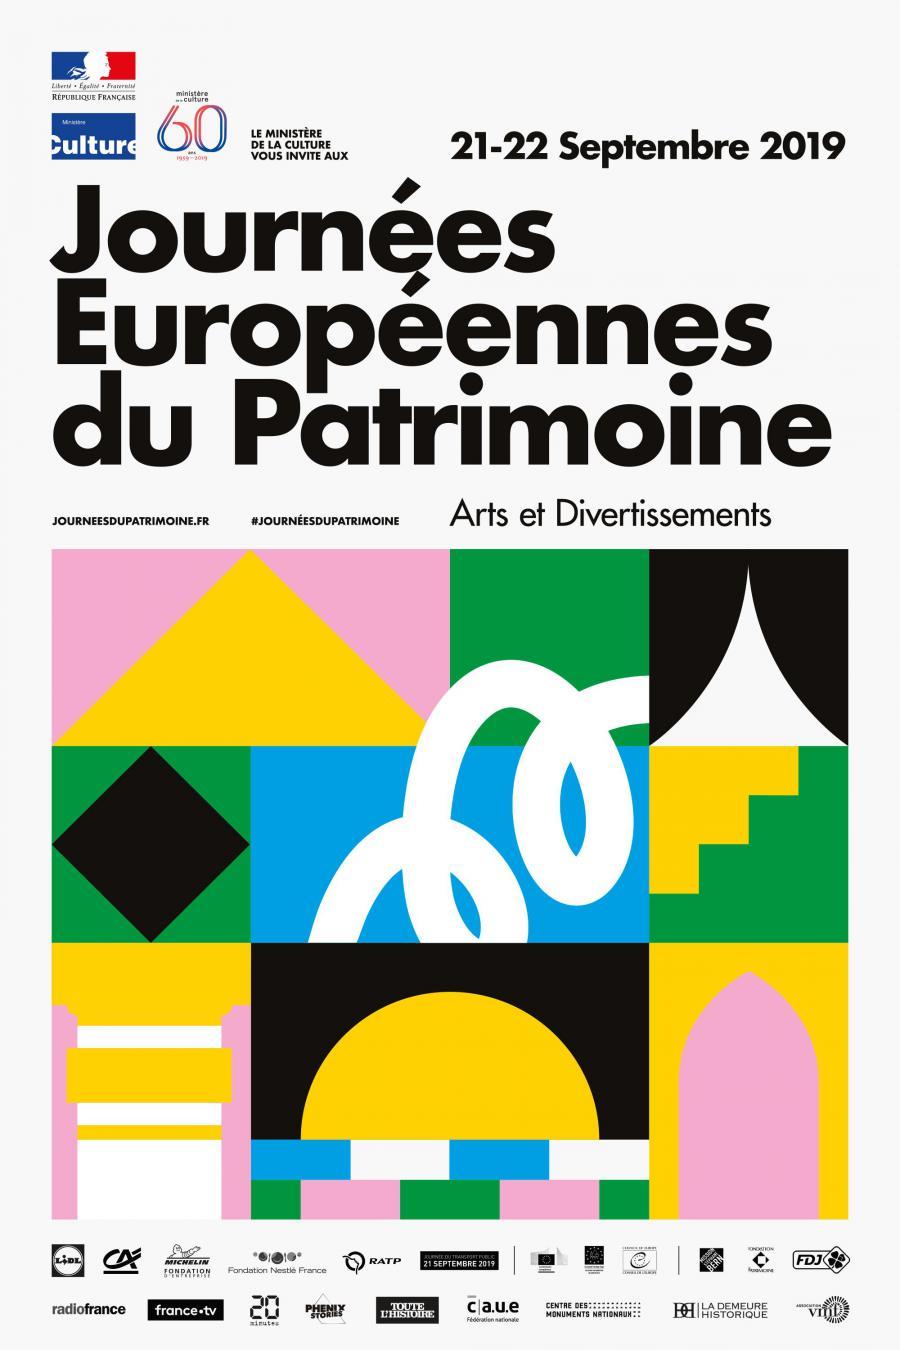 Journés nationales du patrimoine 21 et 22 septembre 2019